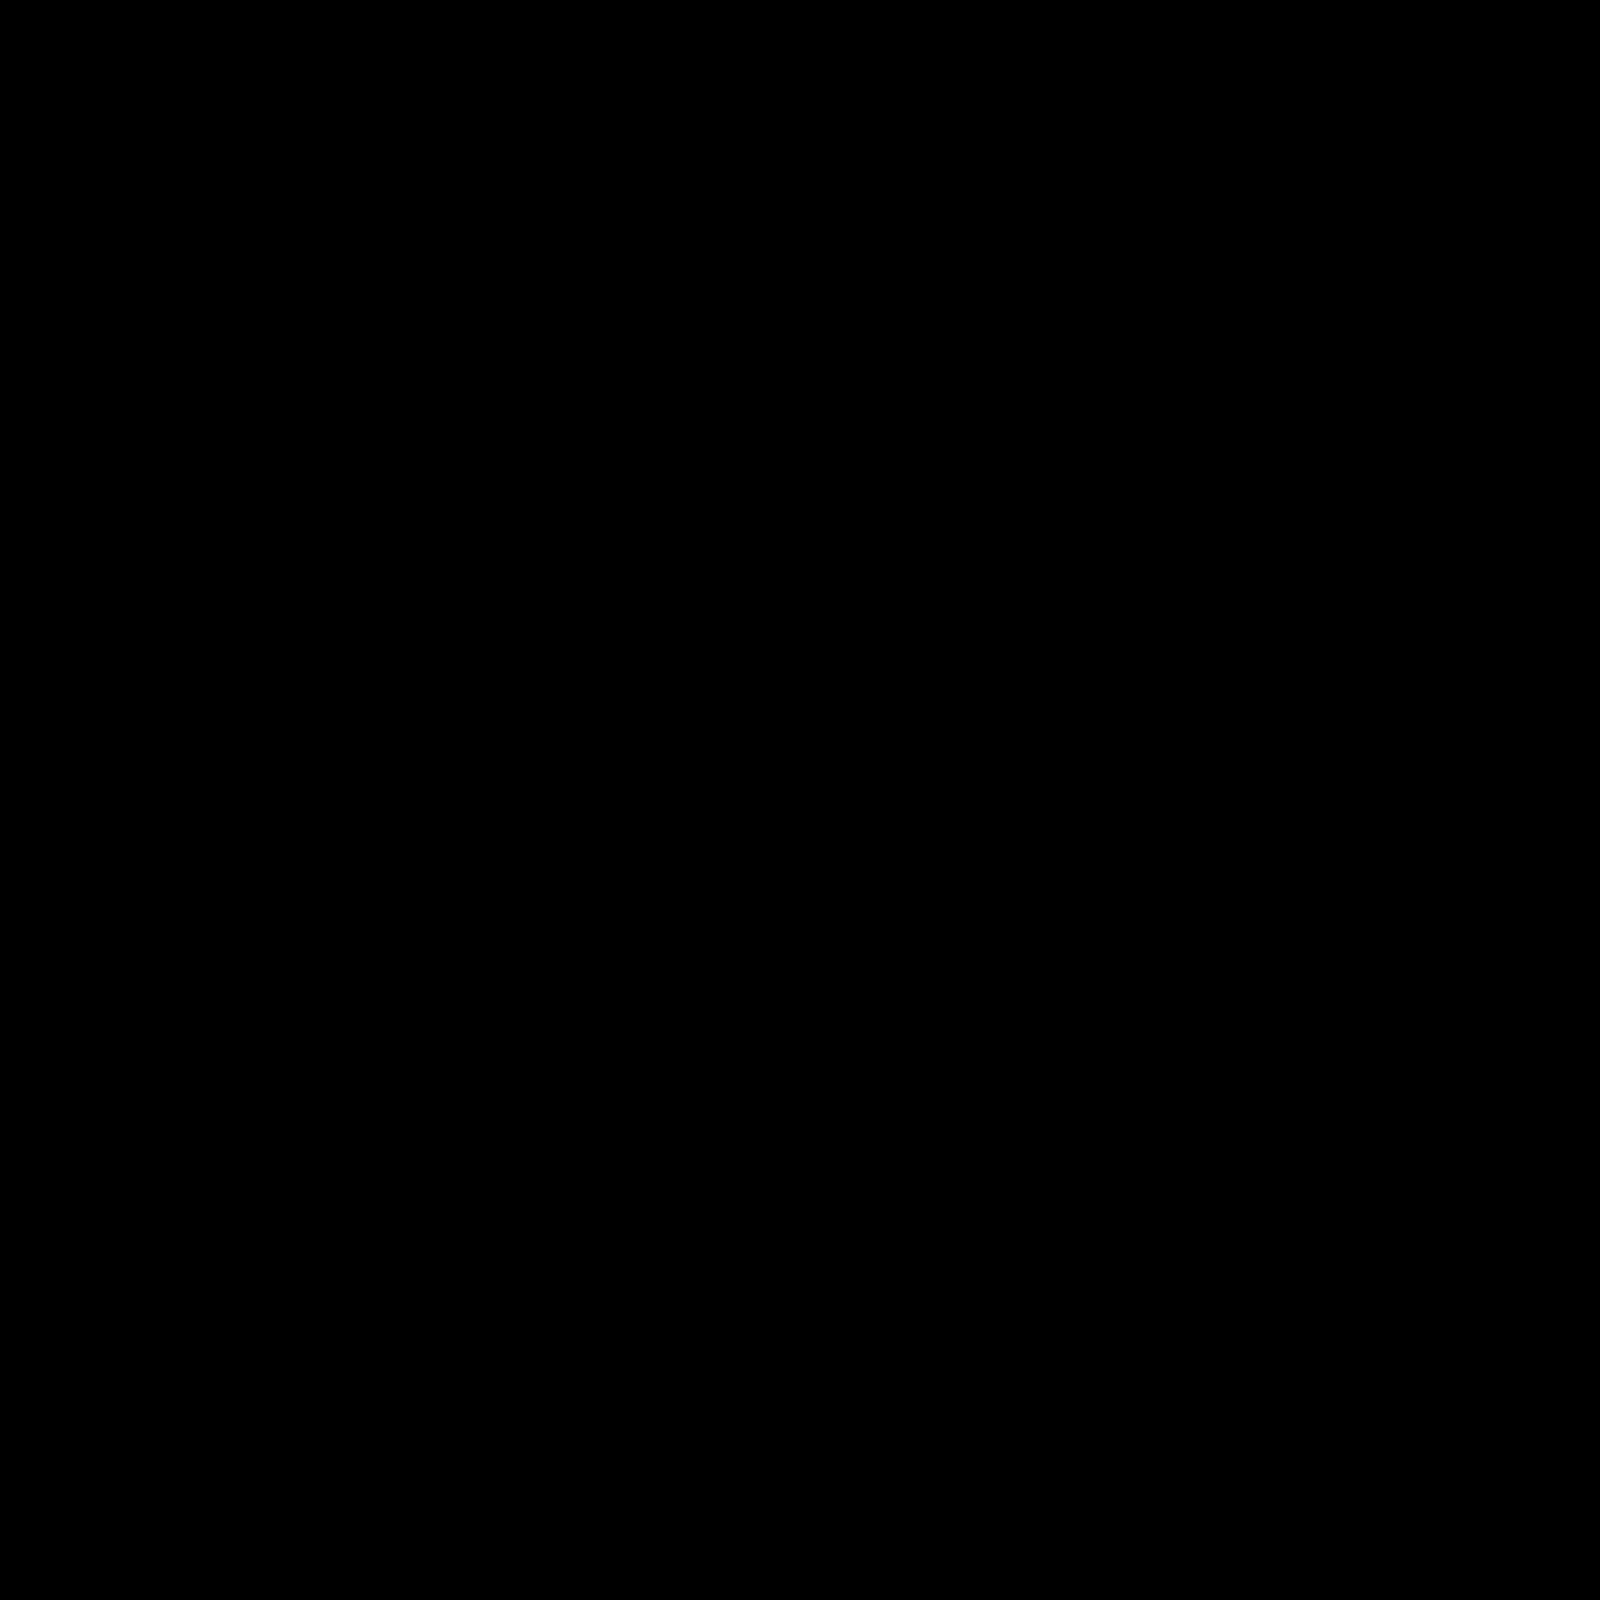 Кубик сахара icon